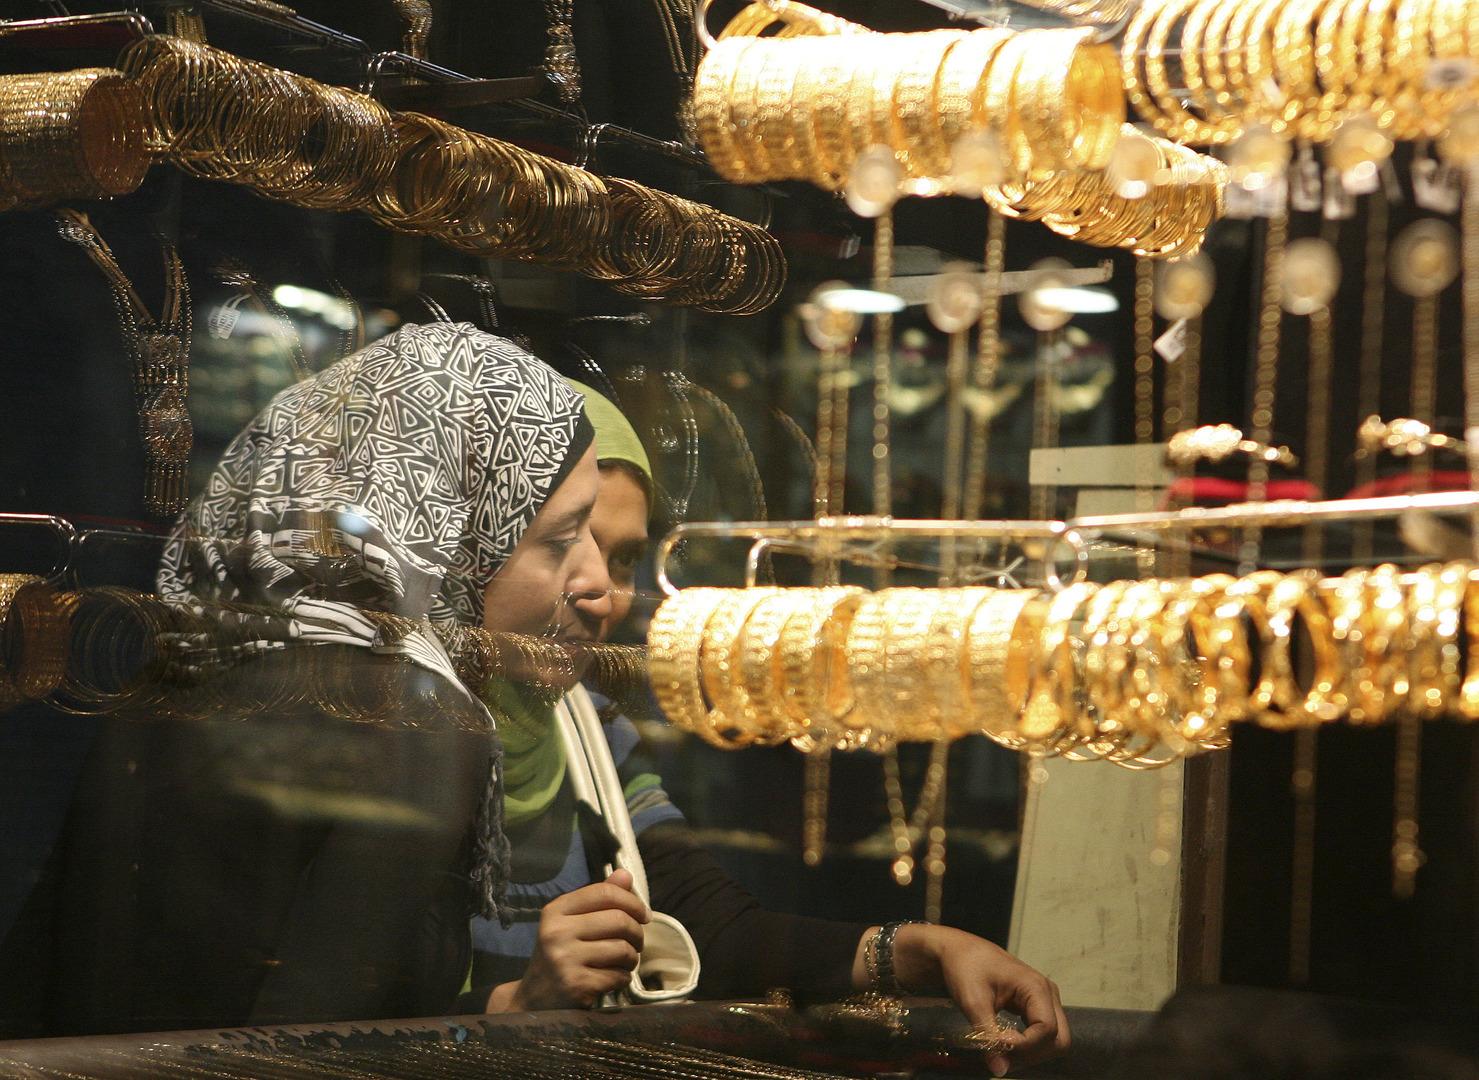 للمرة الأولى في مصر..الاتحاد المصري يكشف عن تفاصيل وثيقة تأمين على